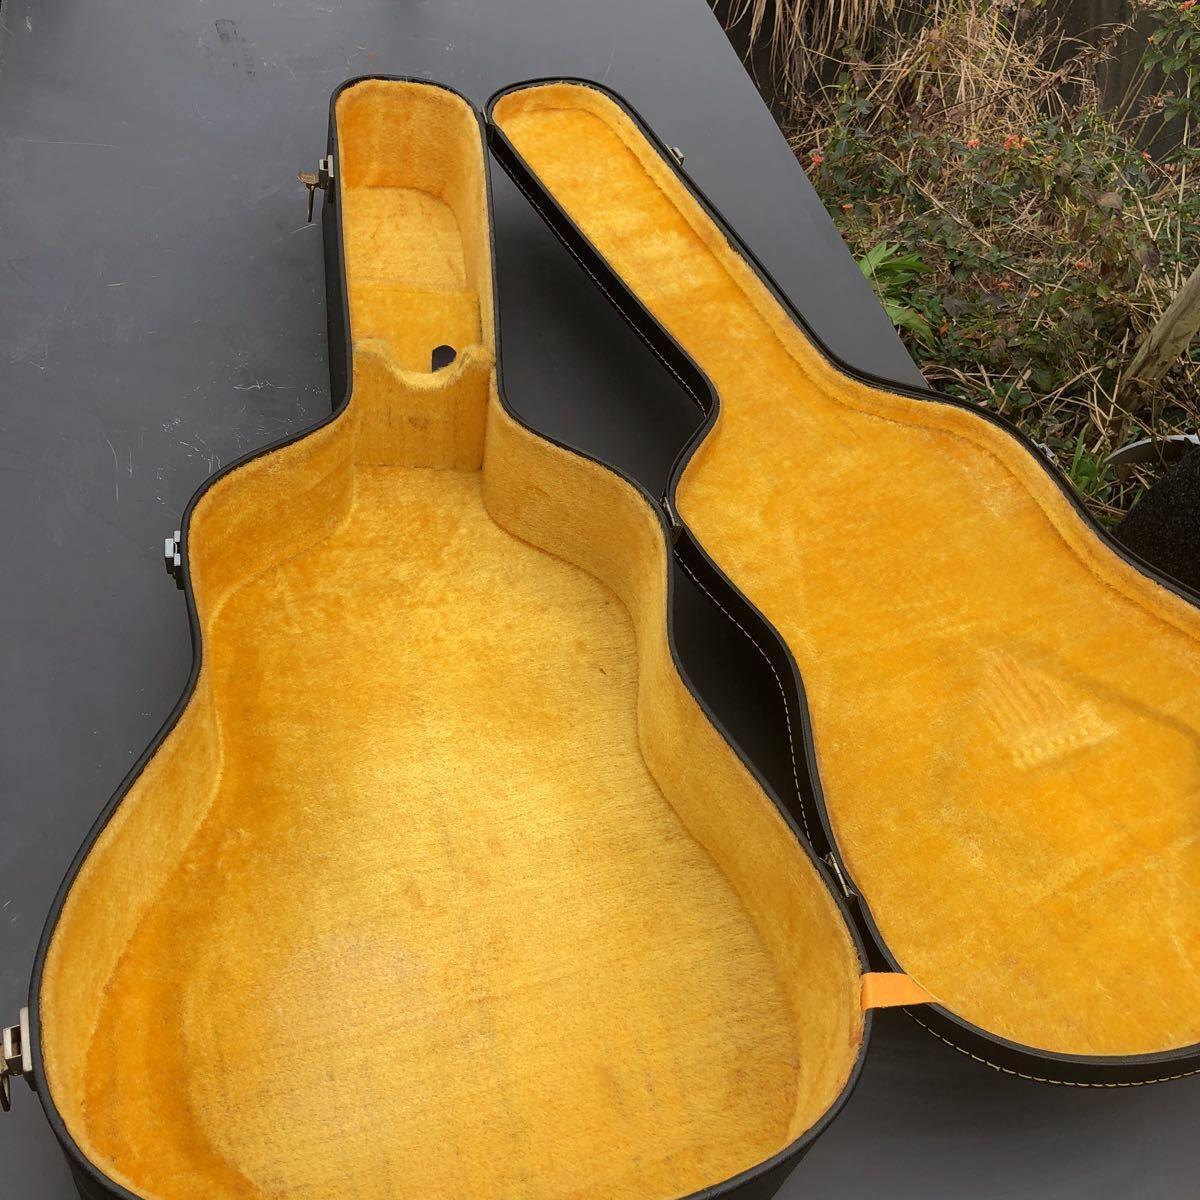 MORRIS スペシャル w50 ギター ハードケース付き _画像6